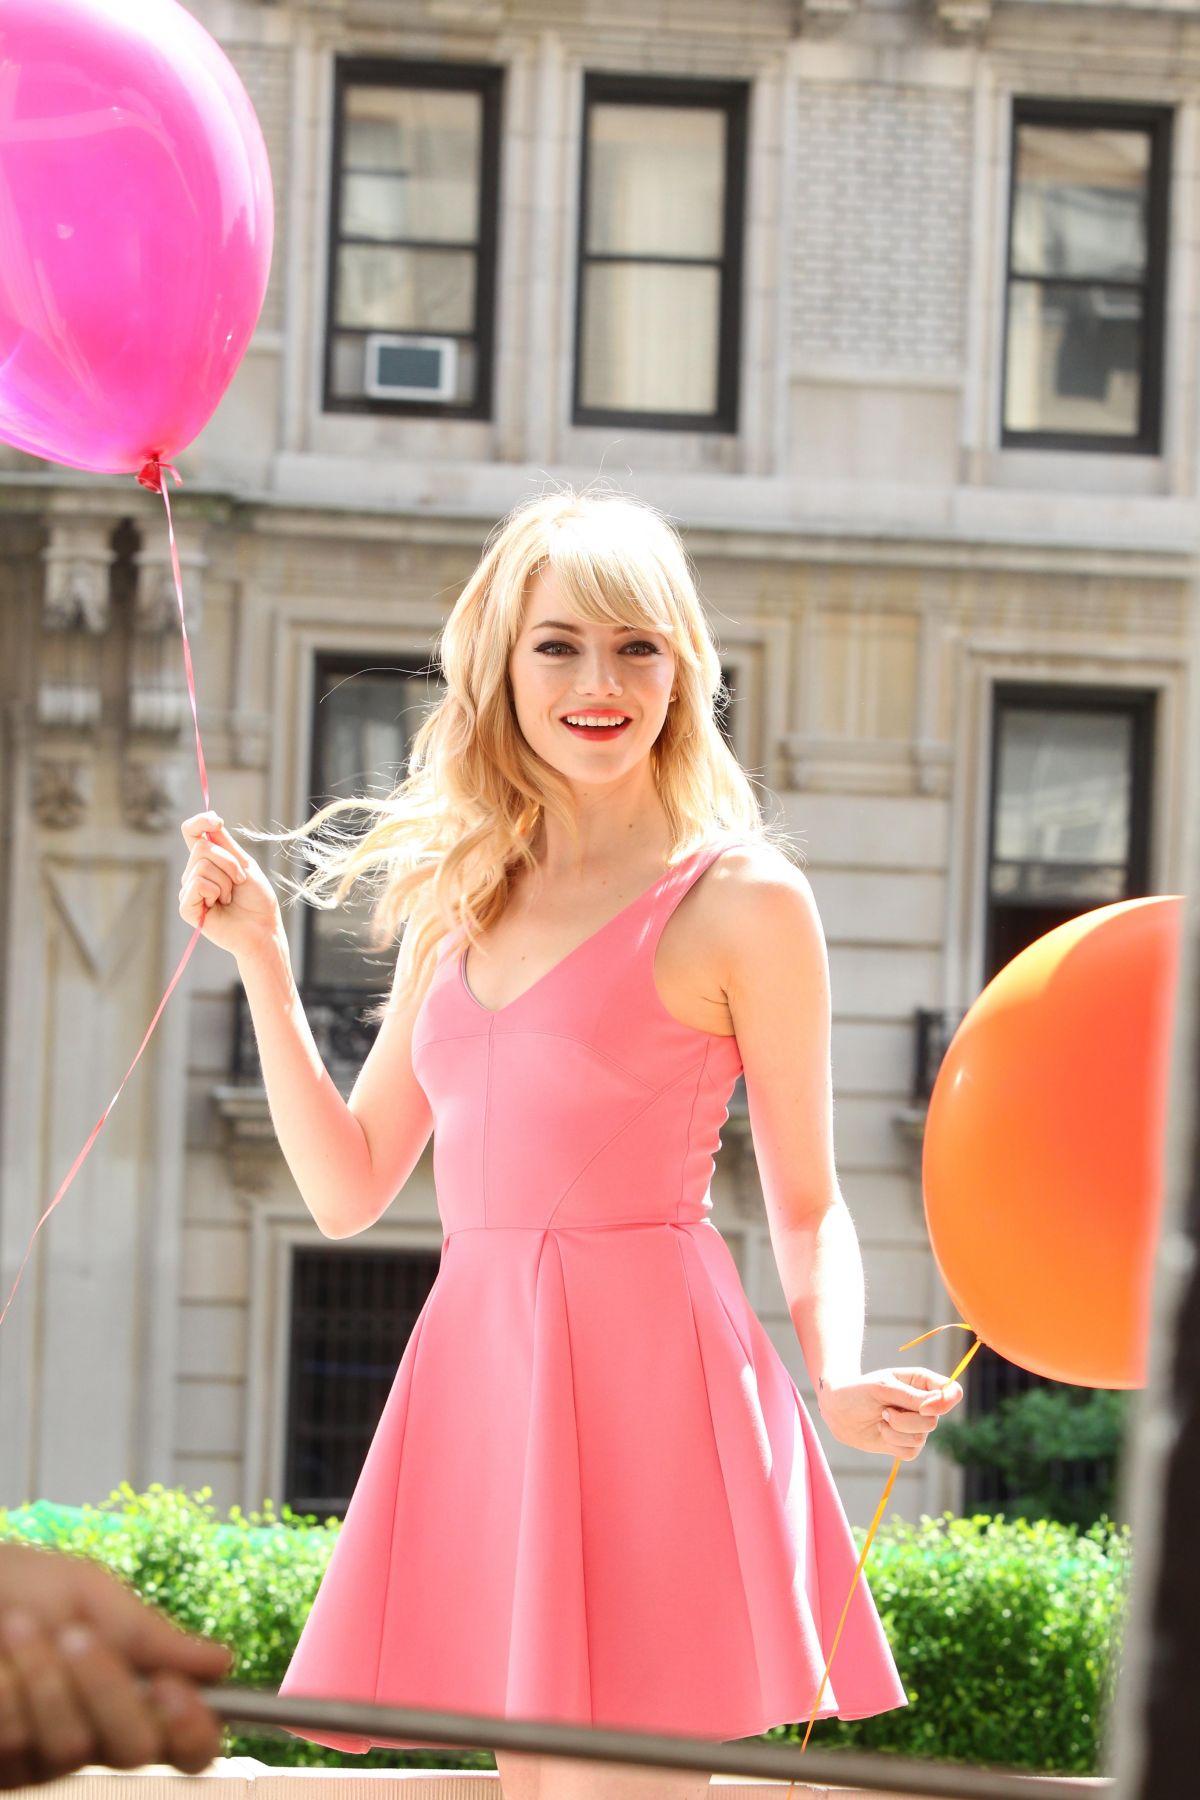 Emma Stone Vanity Fair Photoshoot EMMA STONE   Revlon 2014